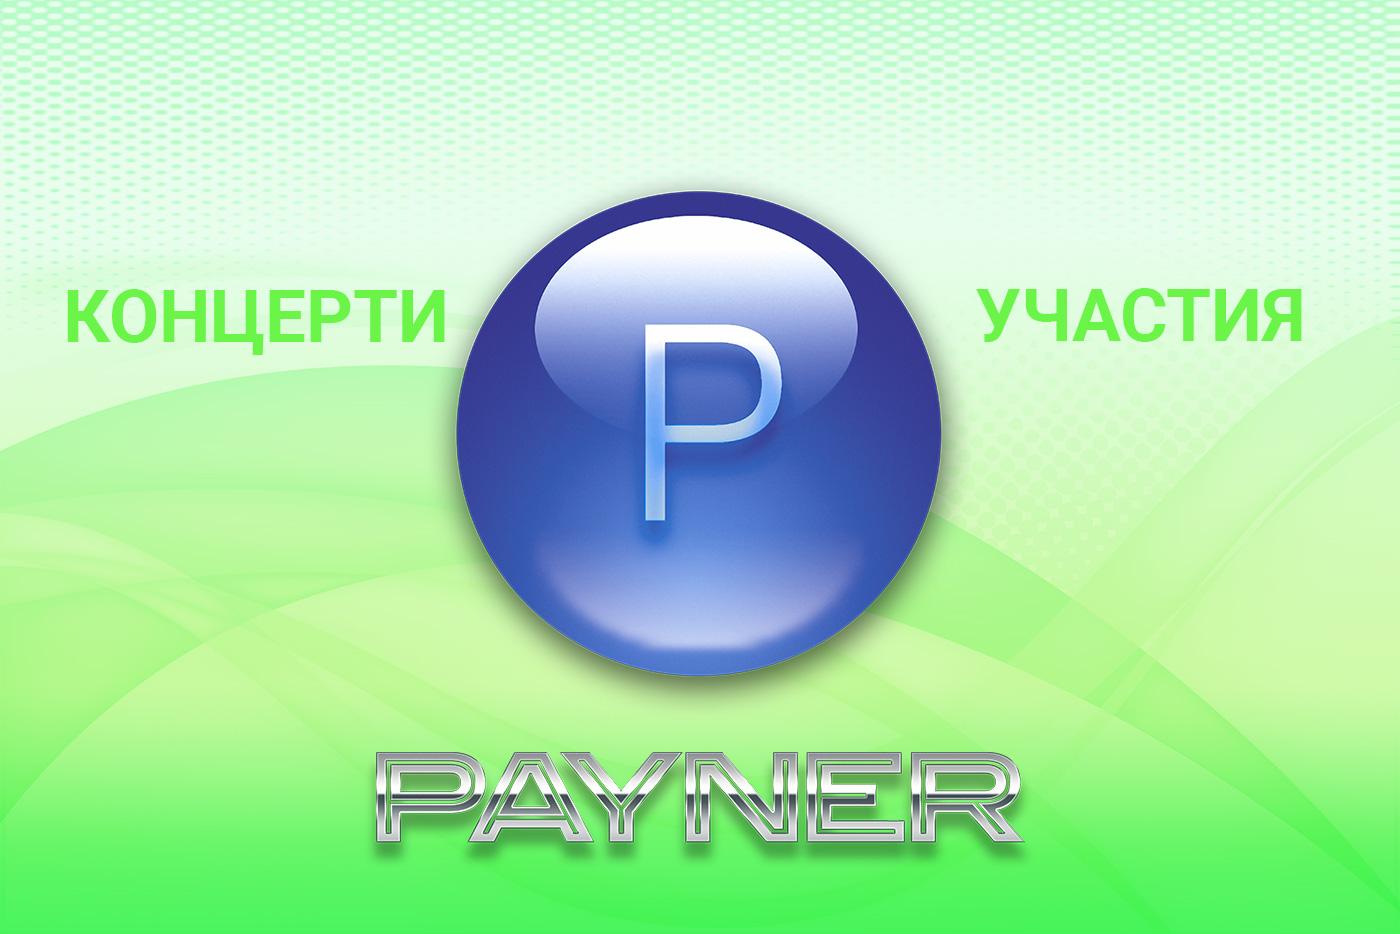 """Участия на звездите на """"Пайнер"""" на 13.02.2020"""